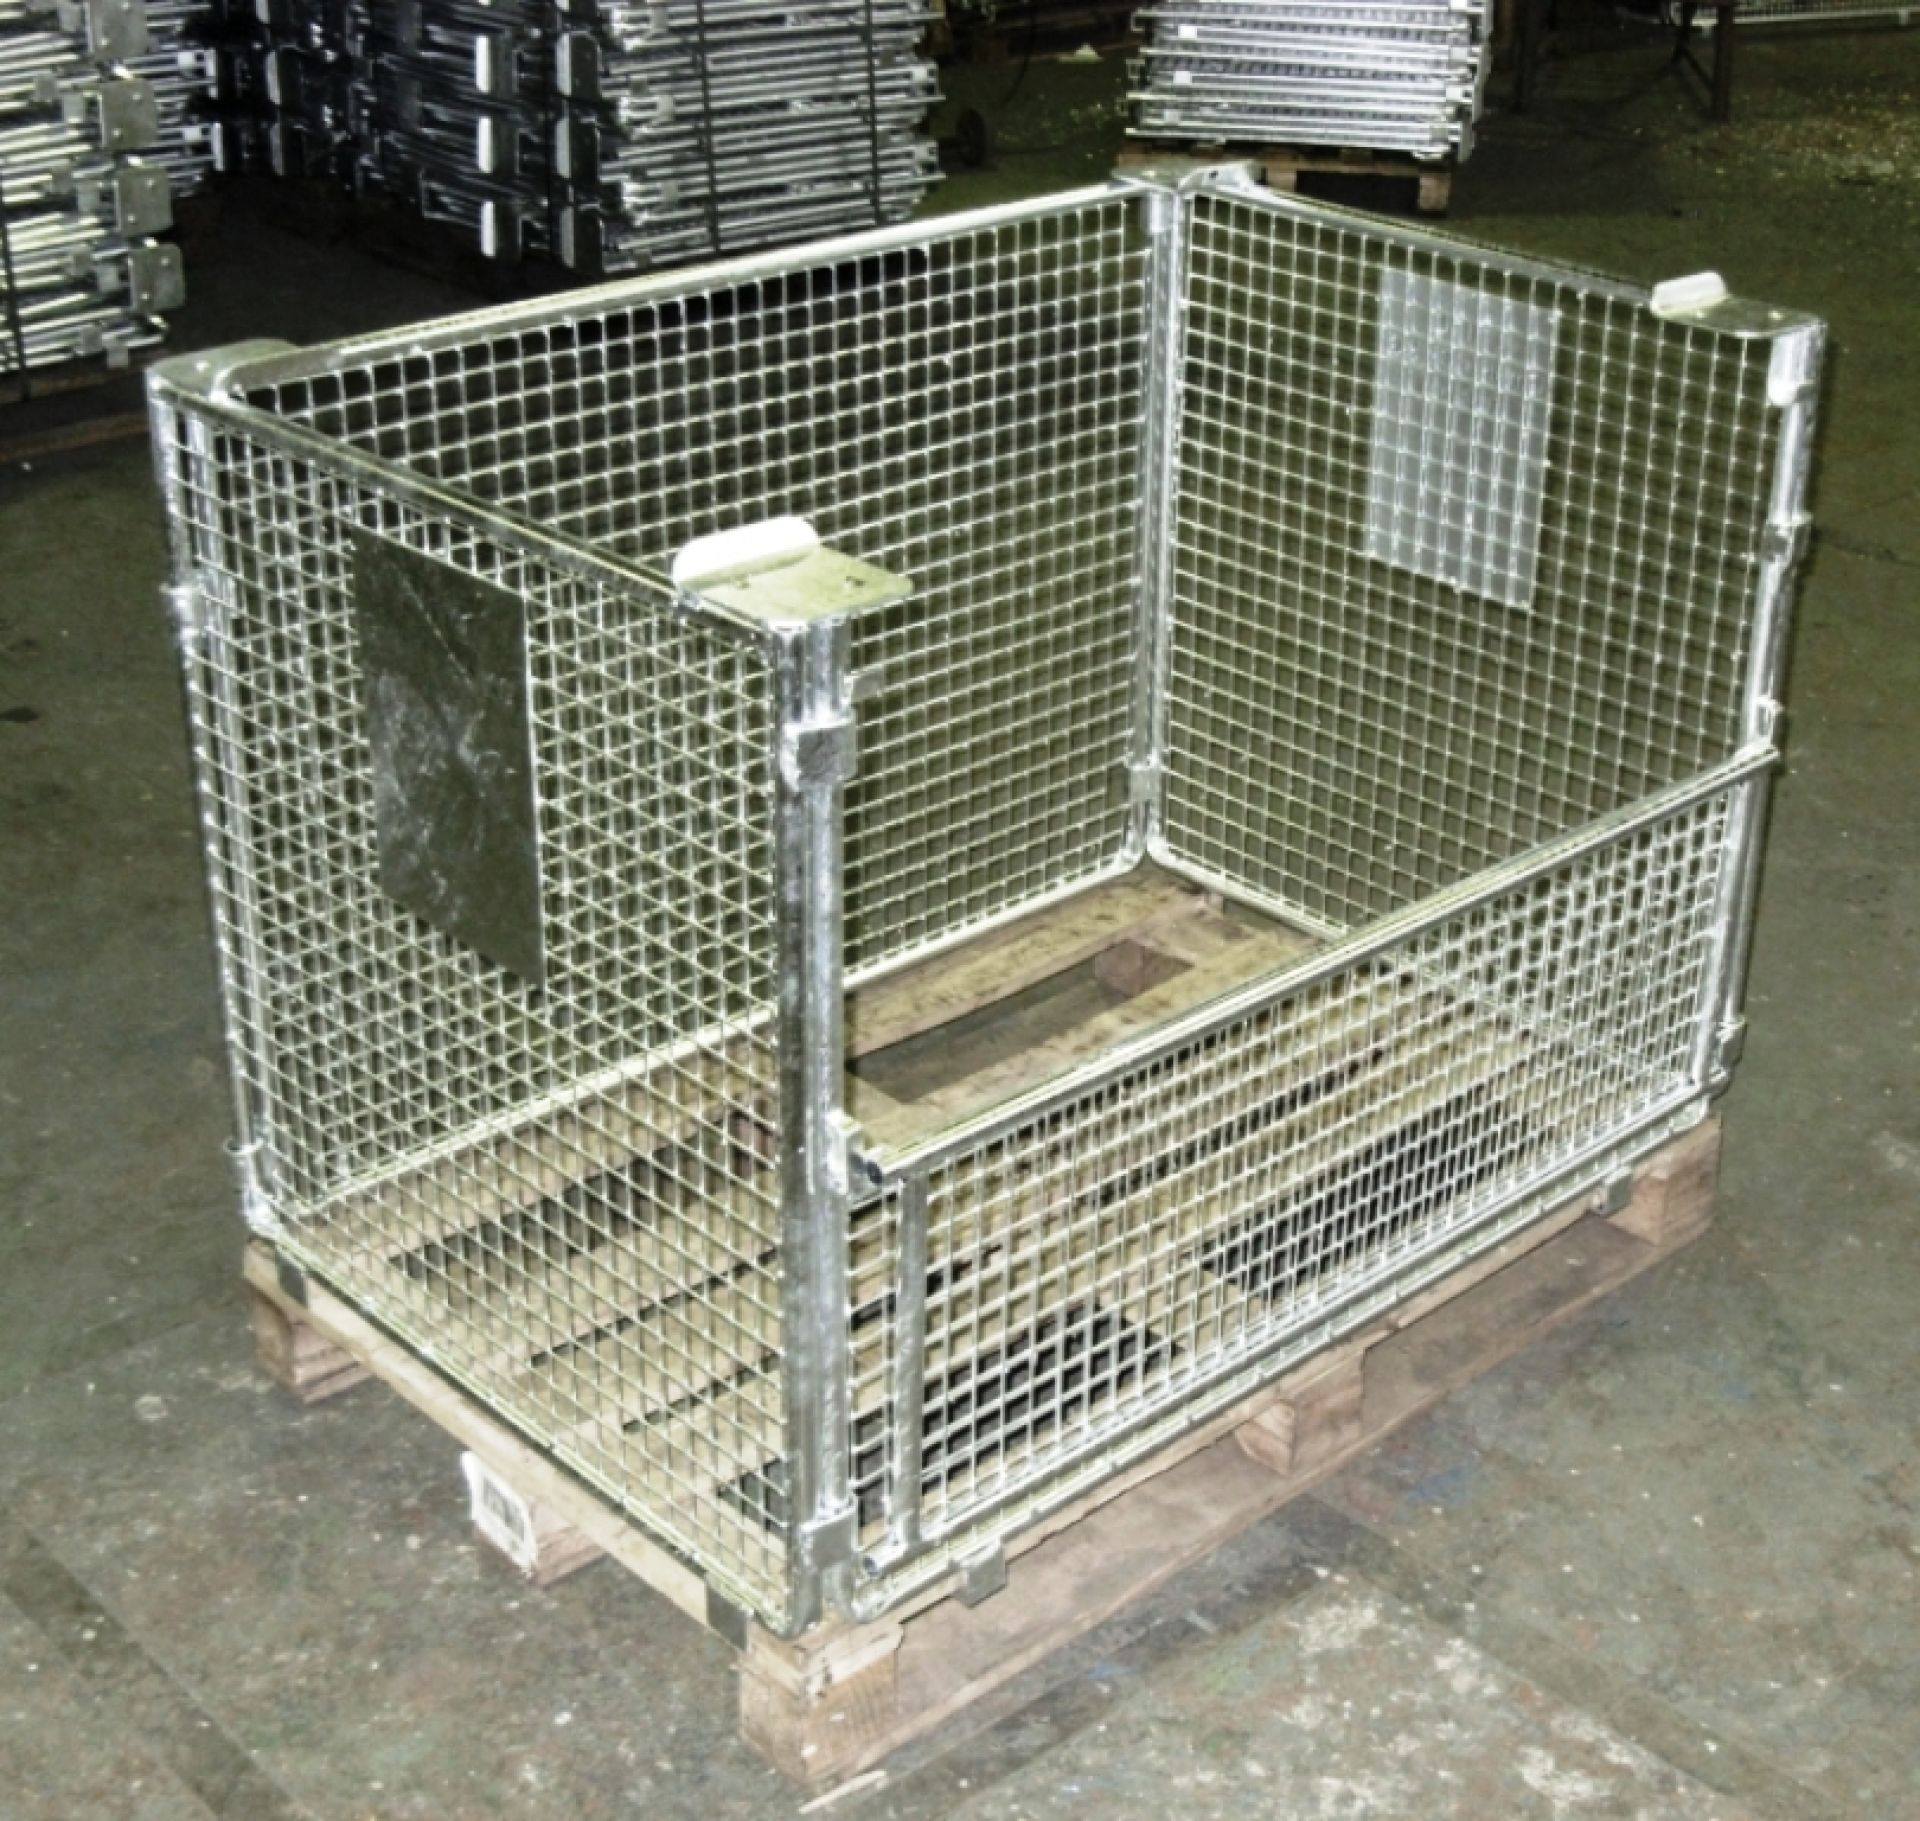 Gitteraufsatzrahmen mit Gitter 30x30 und halber Klappe